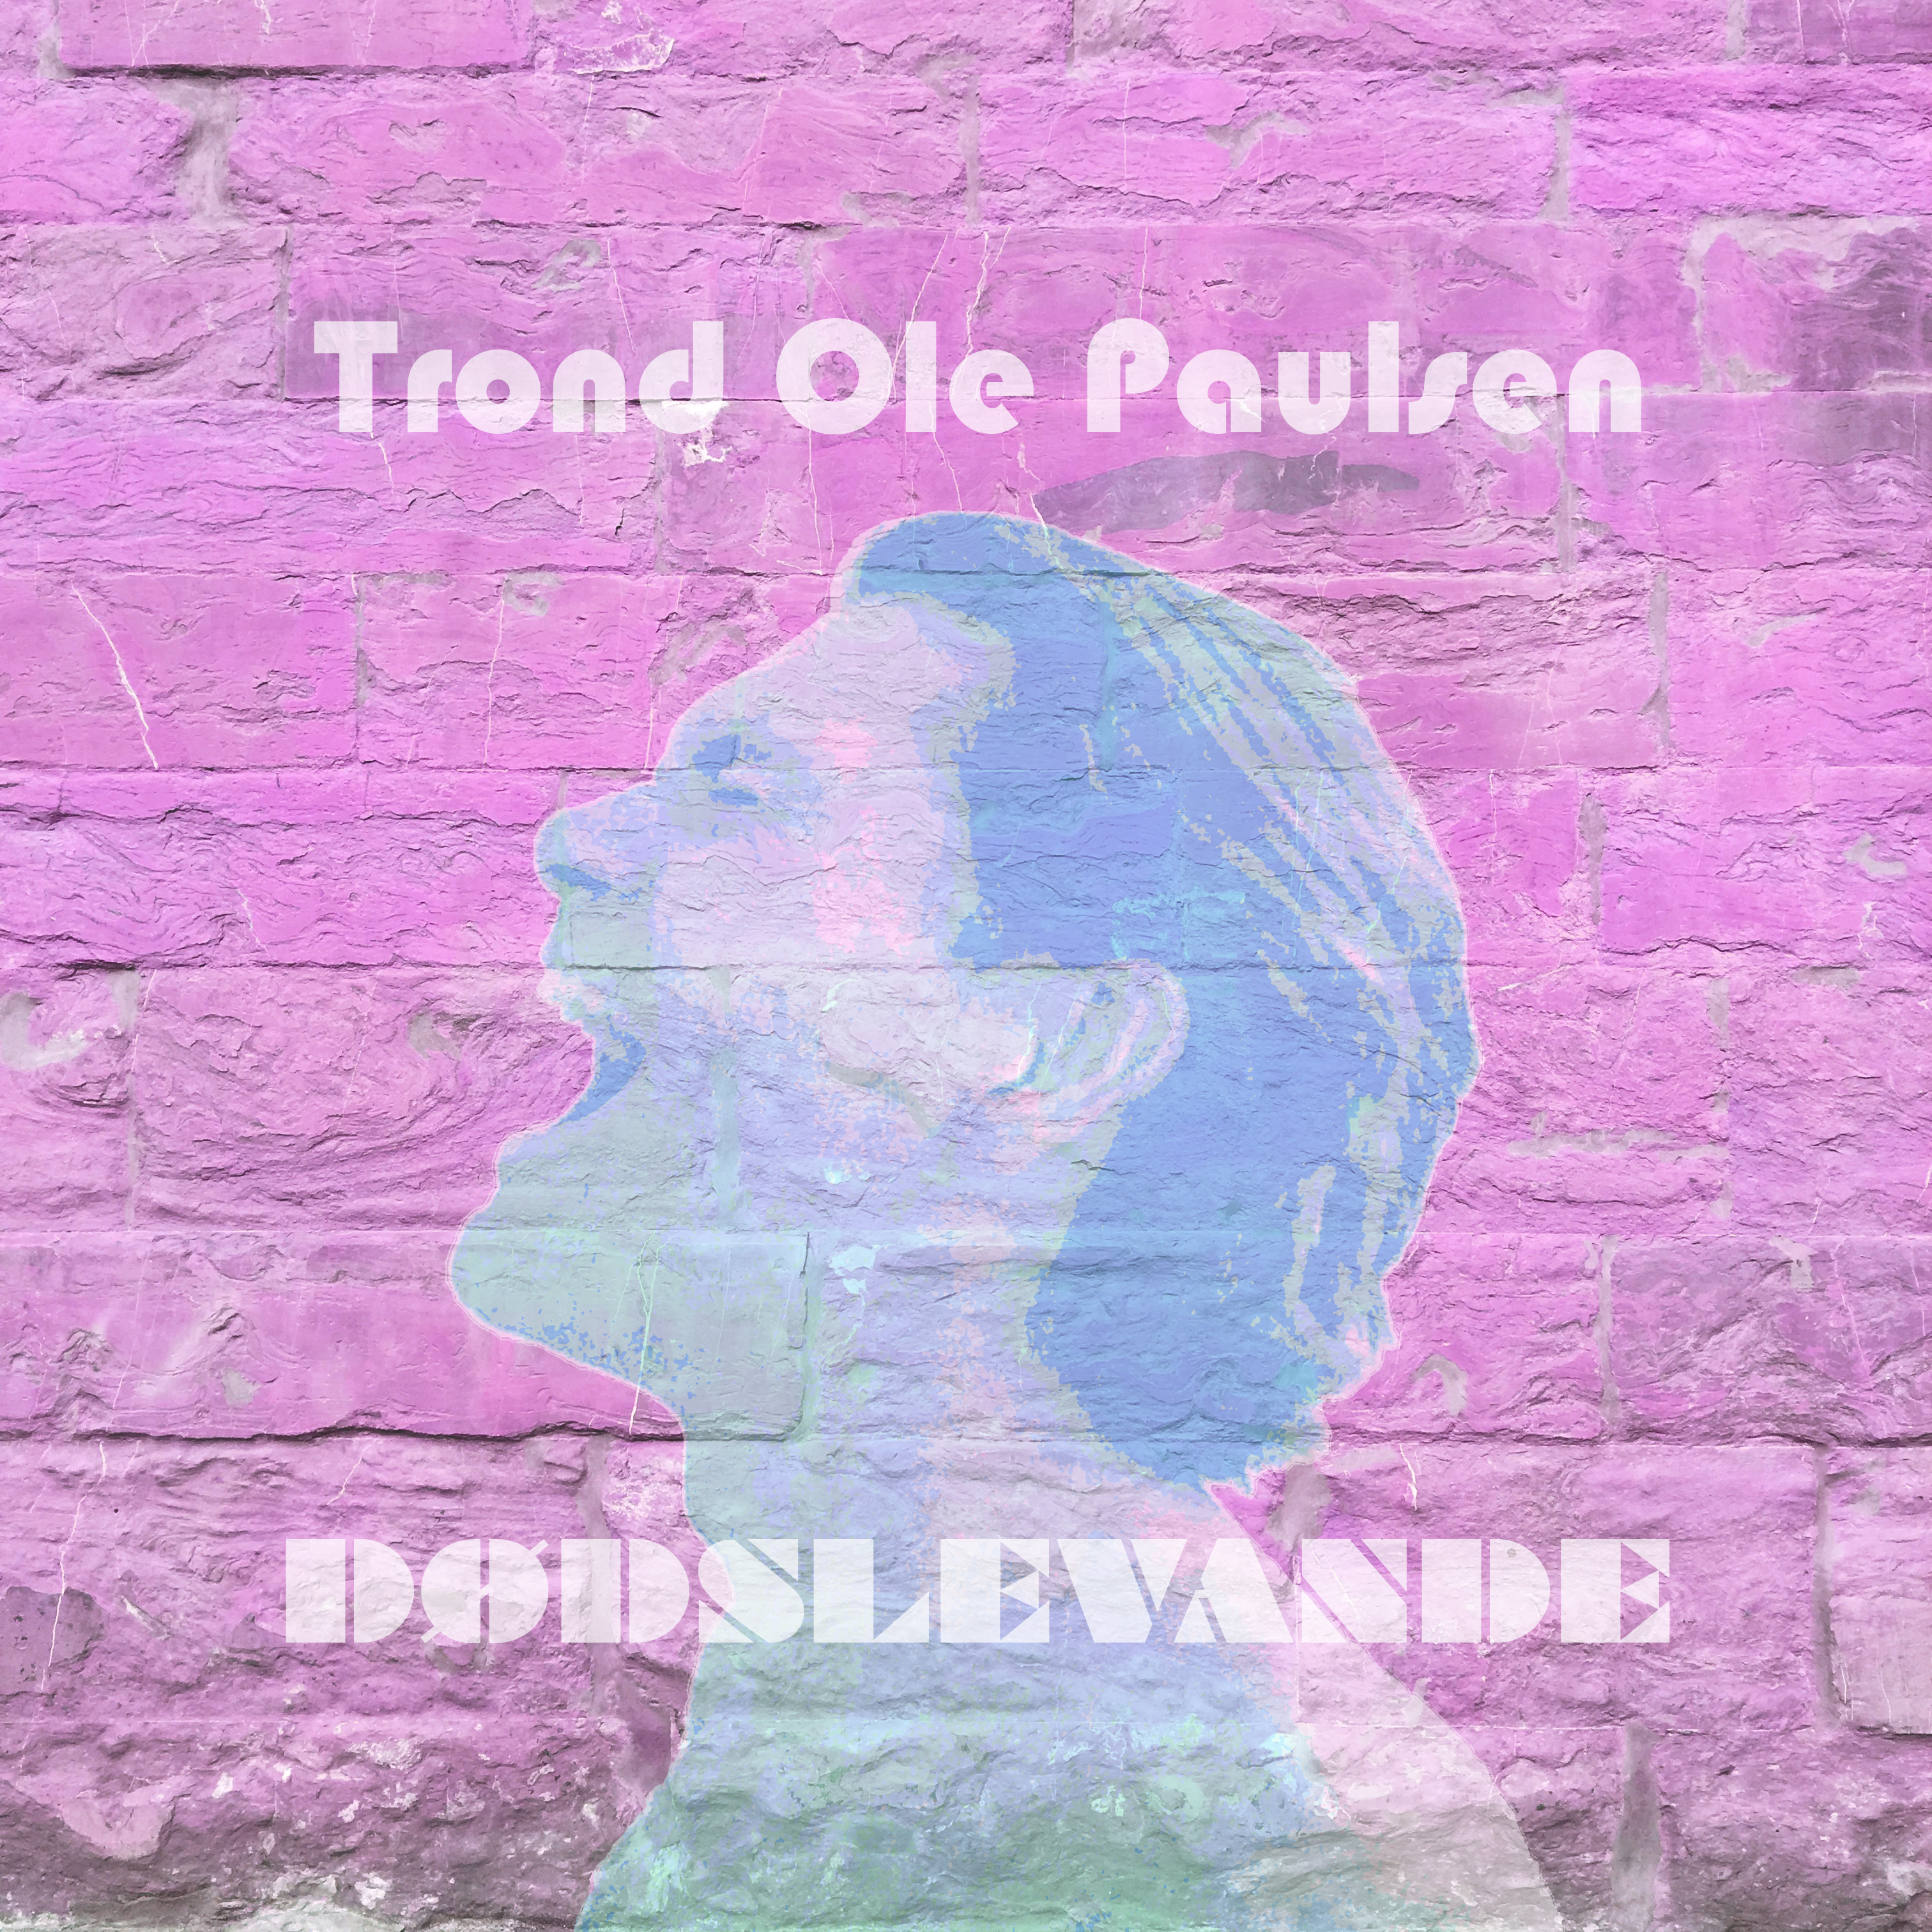 CD-cover Dødslevende Trond Ole Paulsen